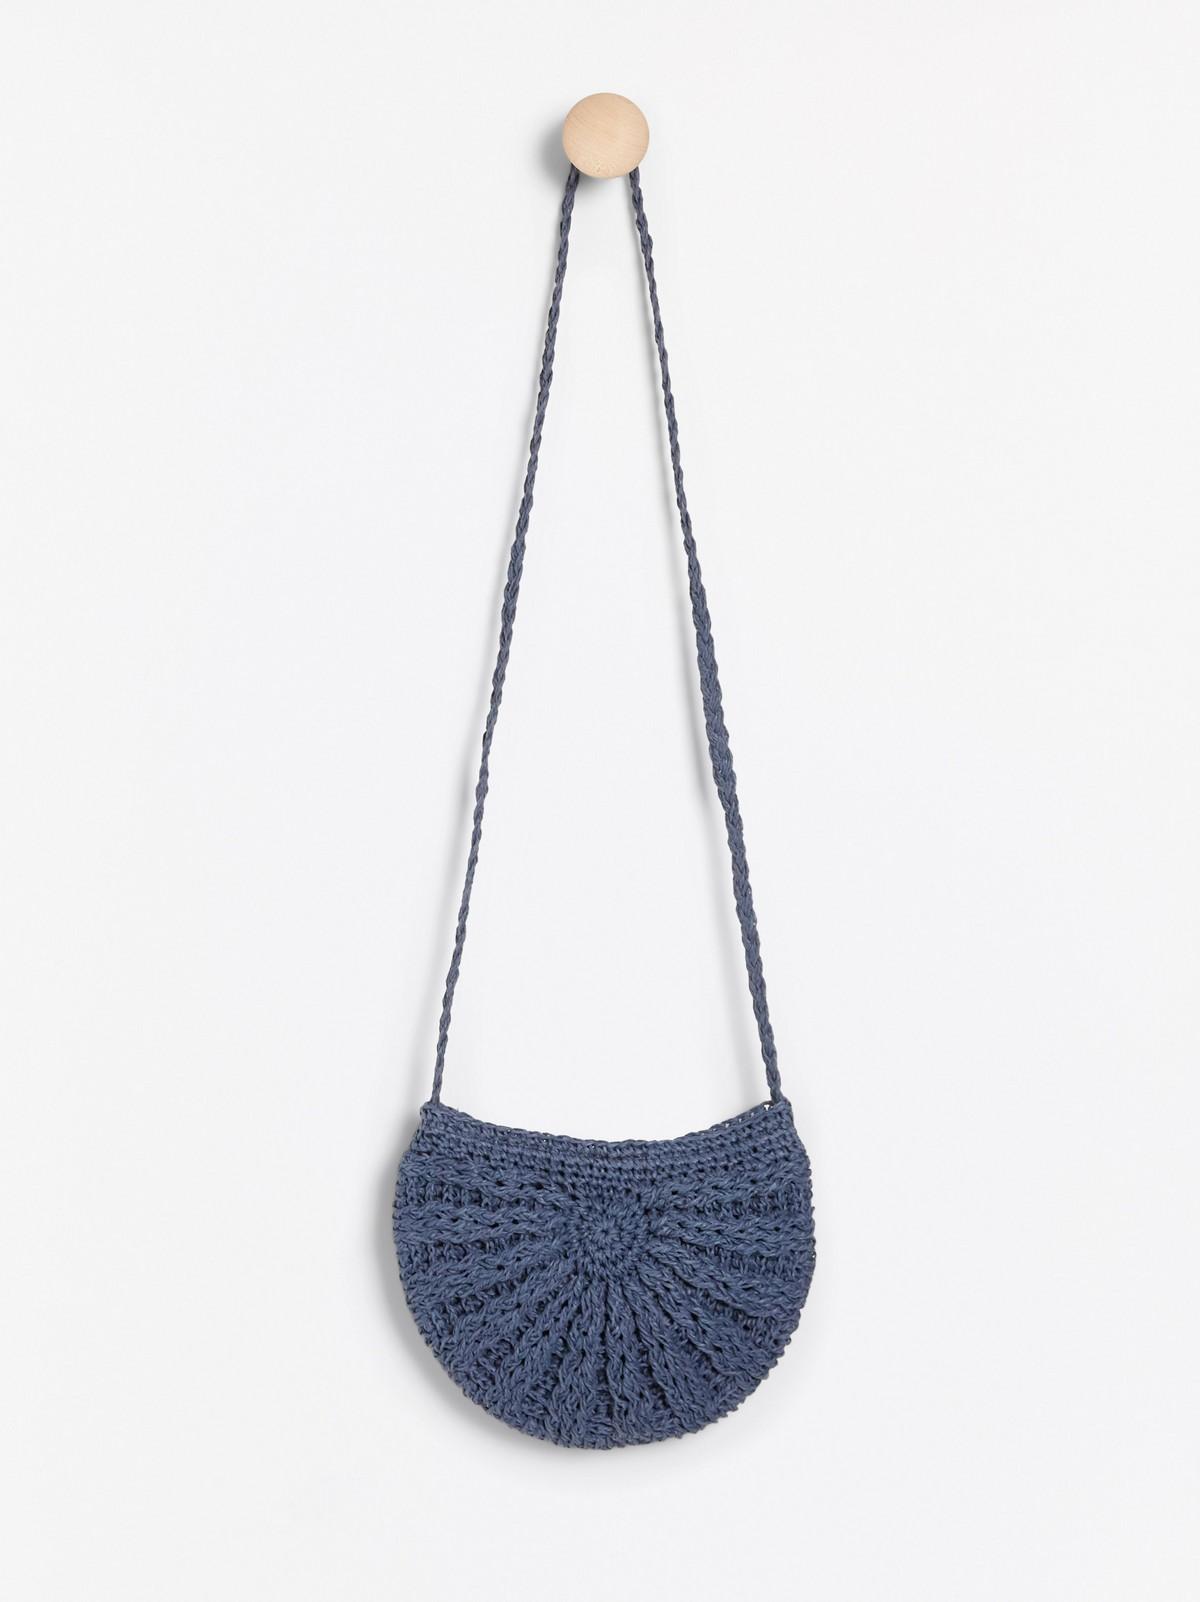 Liten blå handväska i stråmaterial